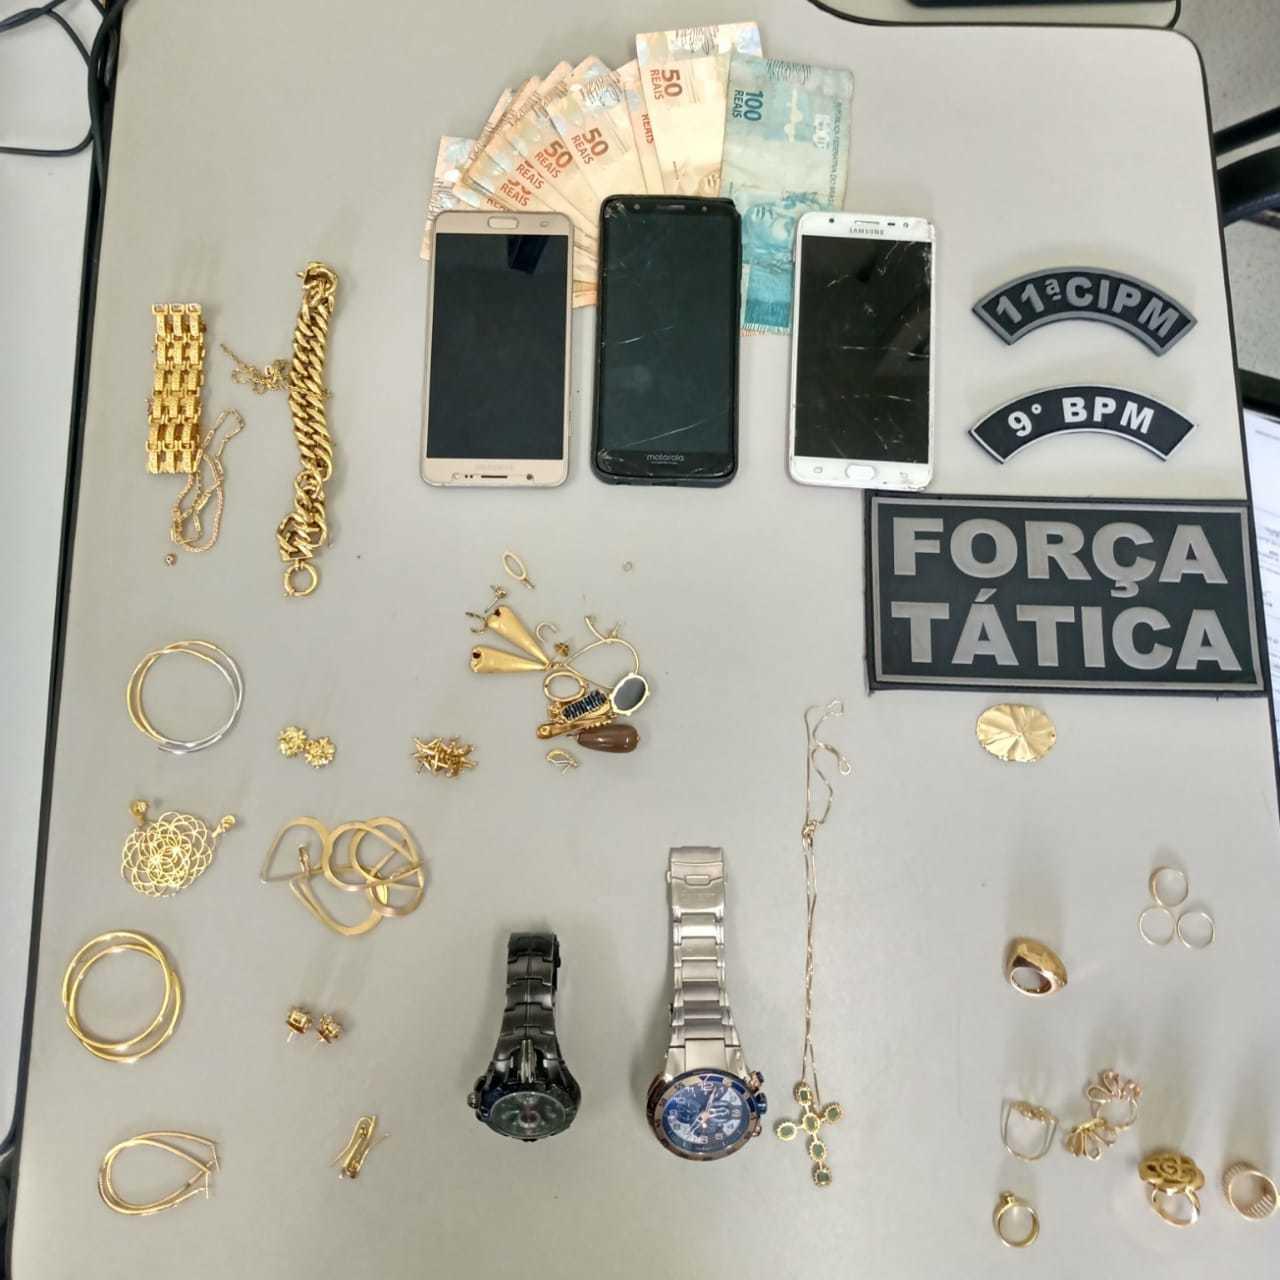 Parte das jóias foi recuperada. (Foto: Divulgação PM)